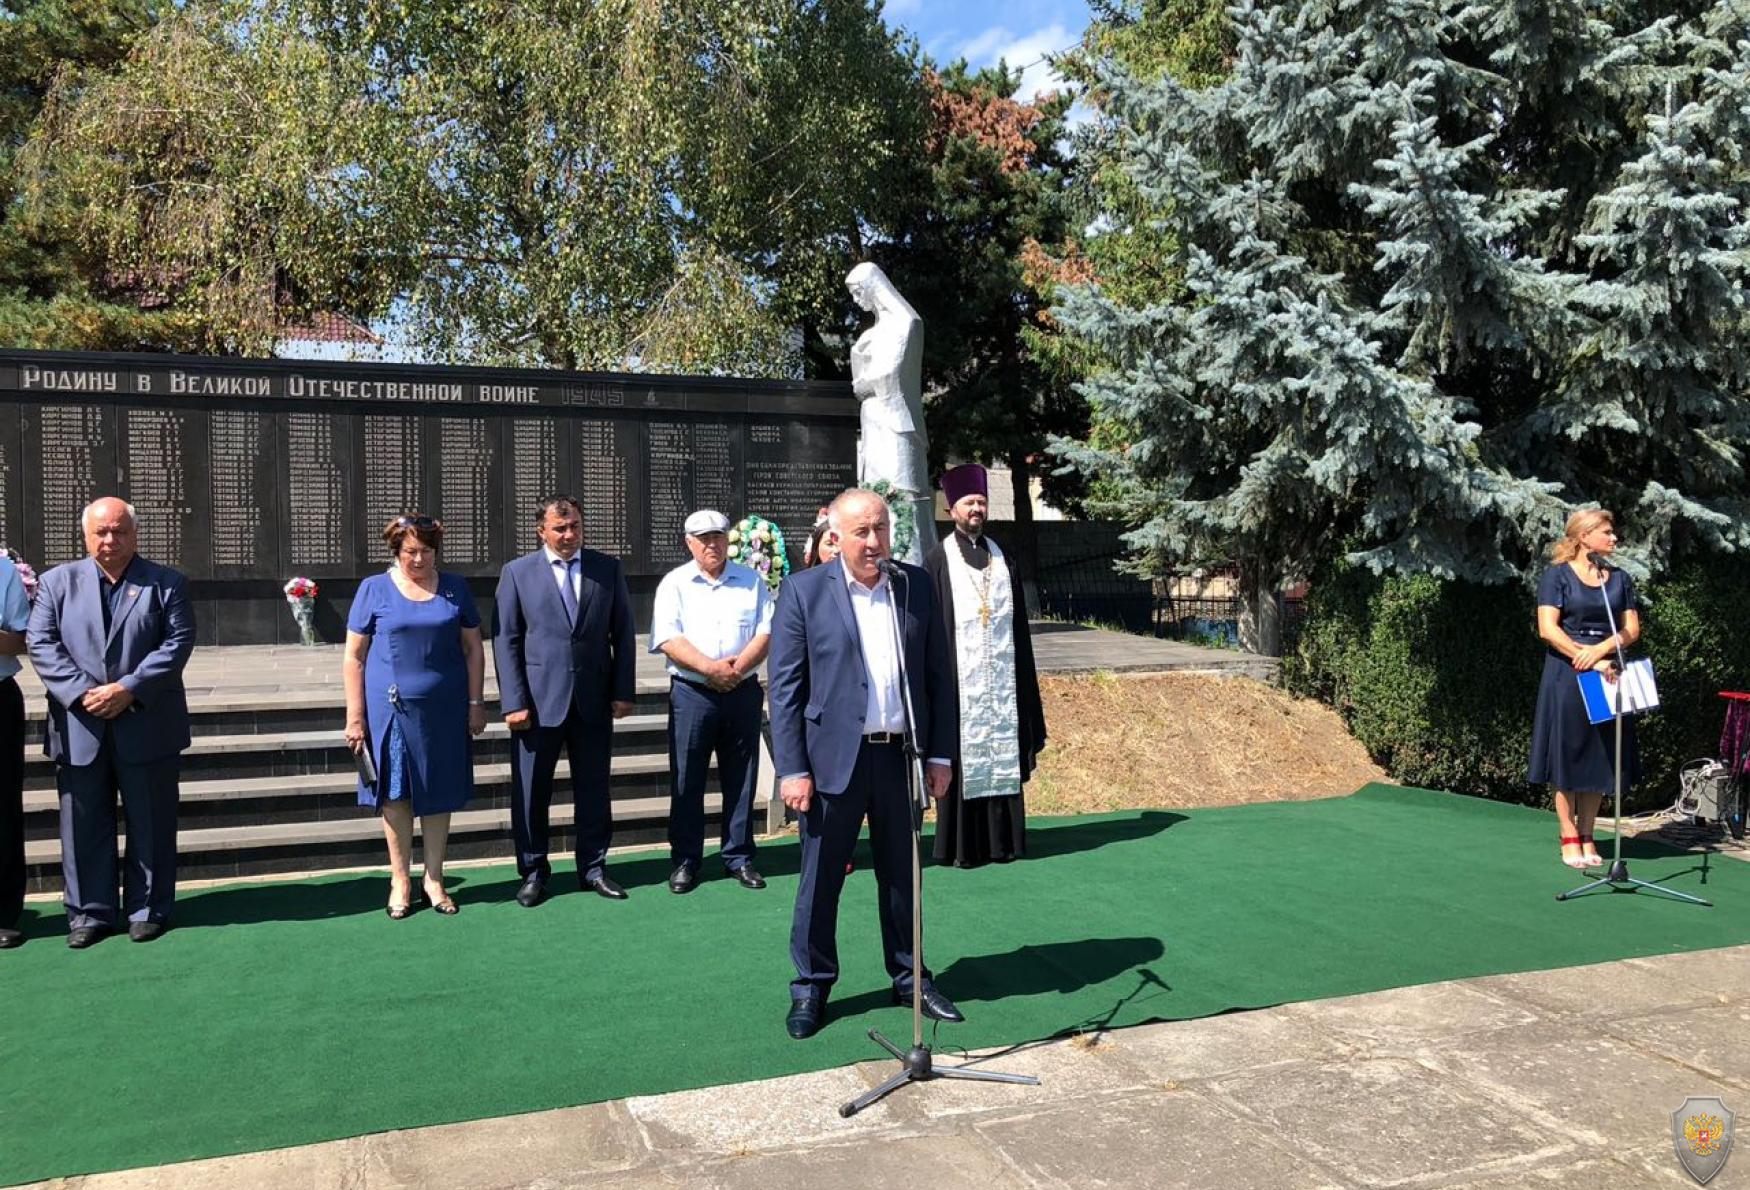 Глава Карачаево-Черкесской Республики выразил соболезнования народу Северной Осетии-Алании в связи с 14-ой годовщиной теракта в Беслане